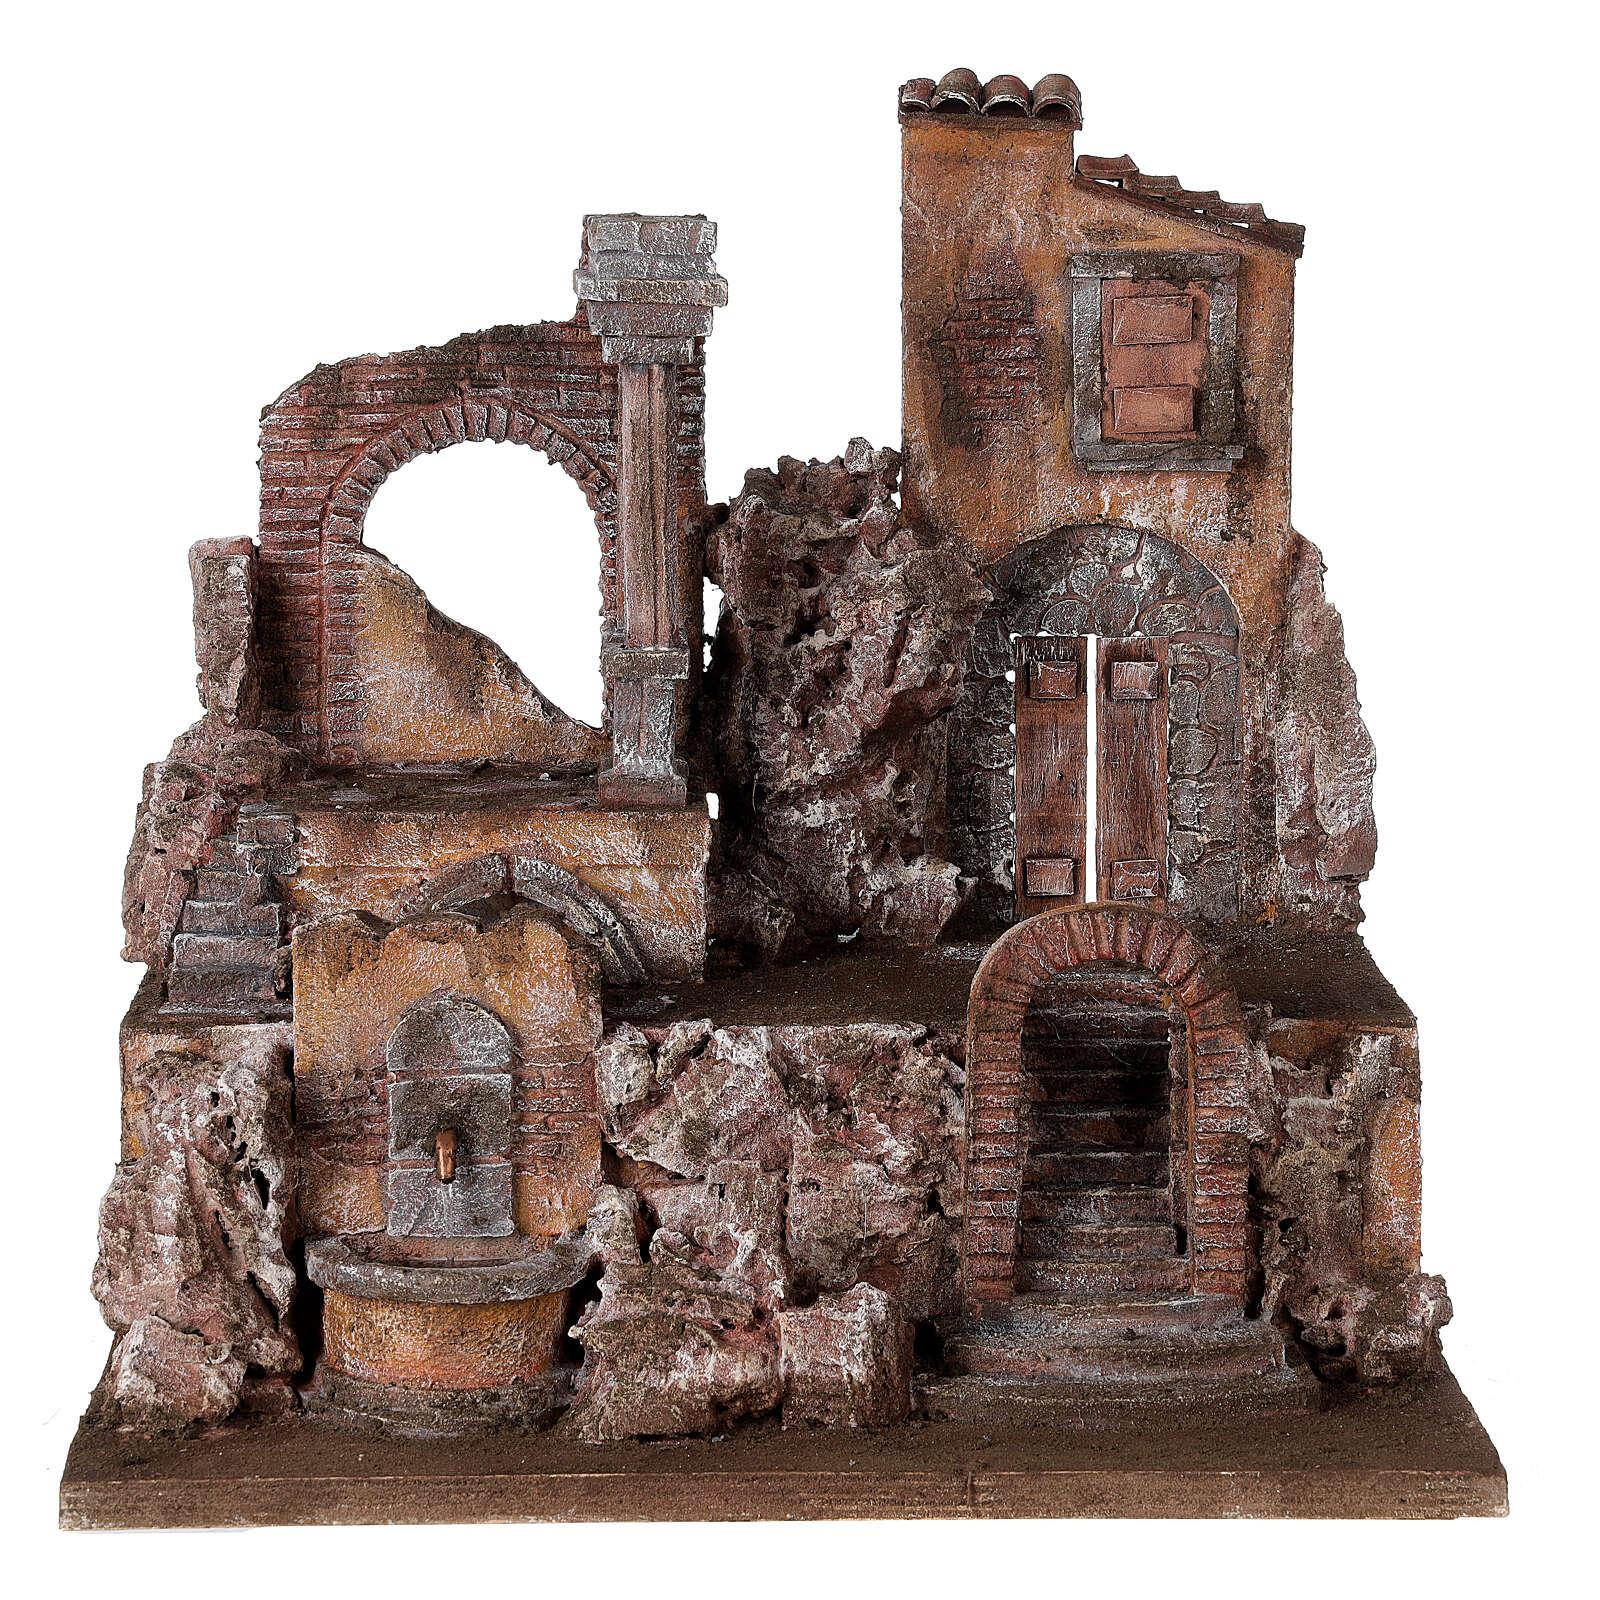 Borgo presepe illuminato con fontanella 45x45x35 per statue 10 cm 4